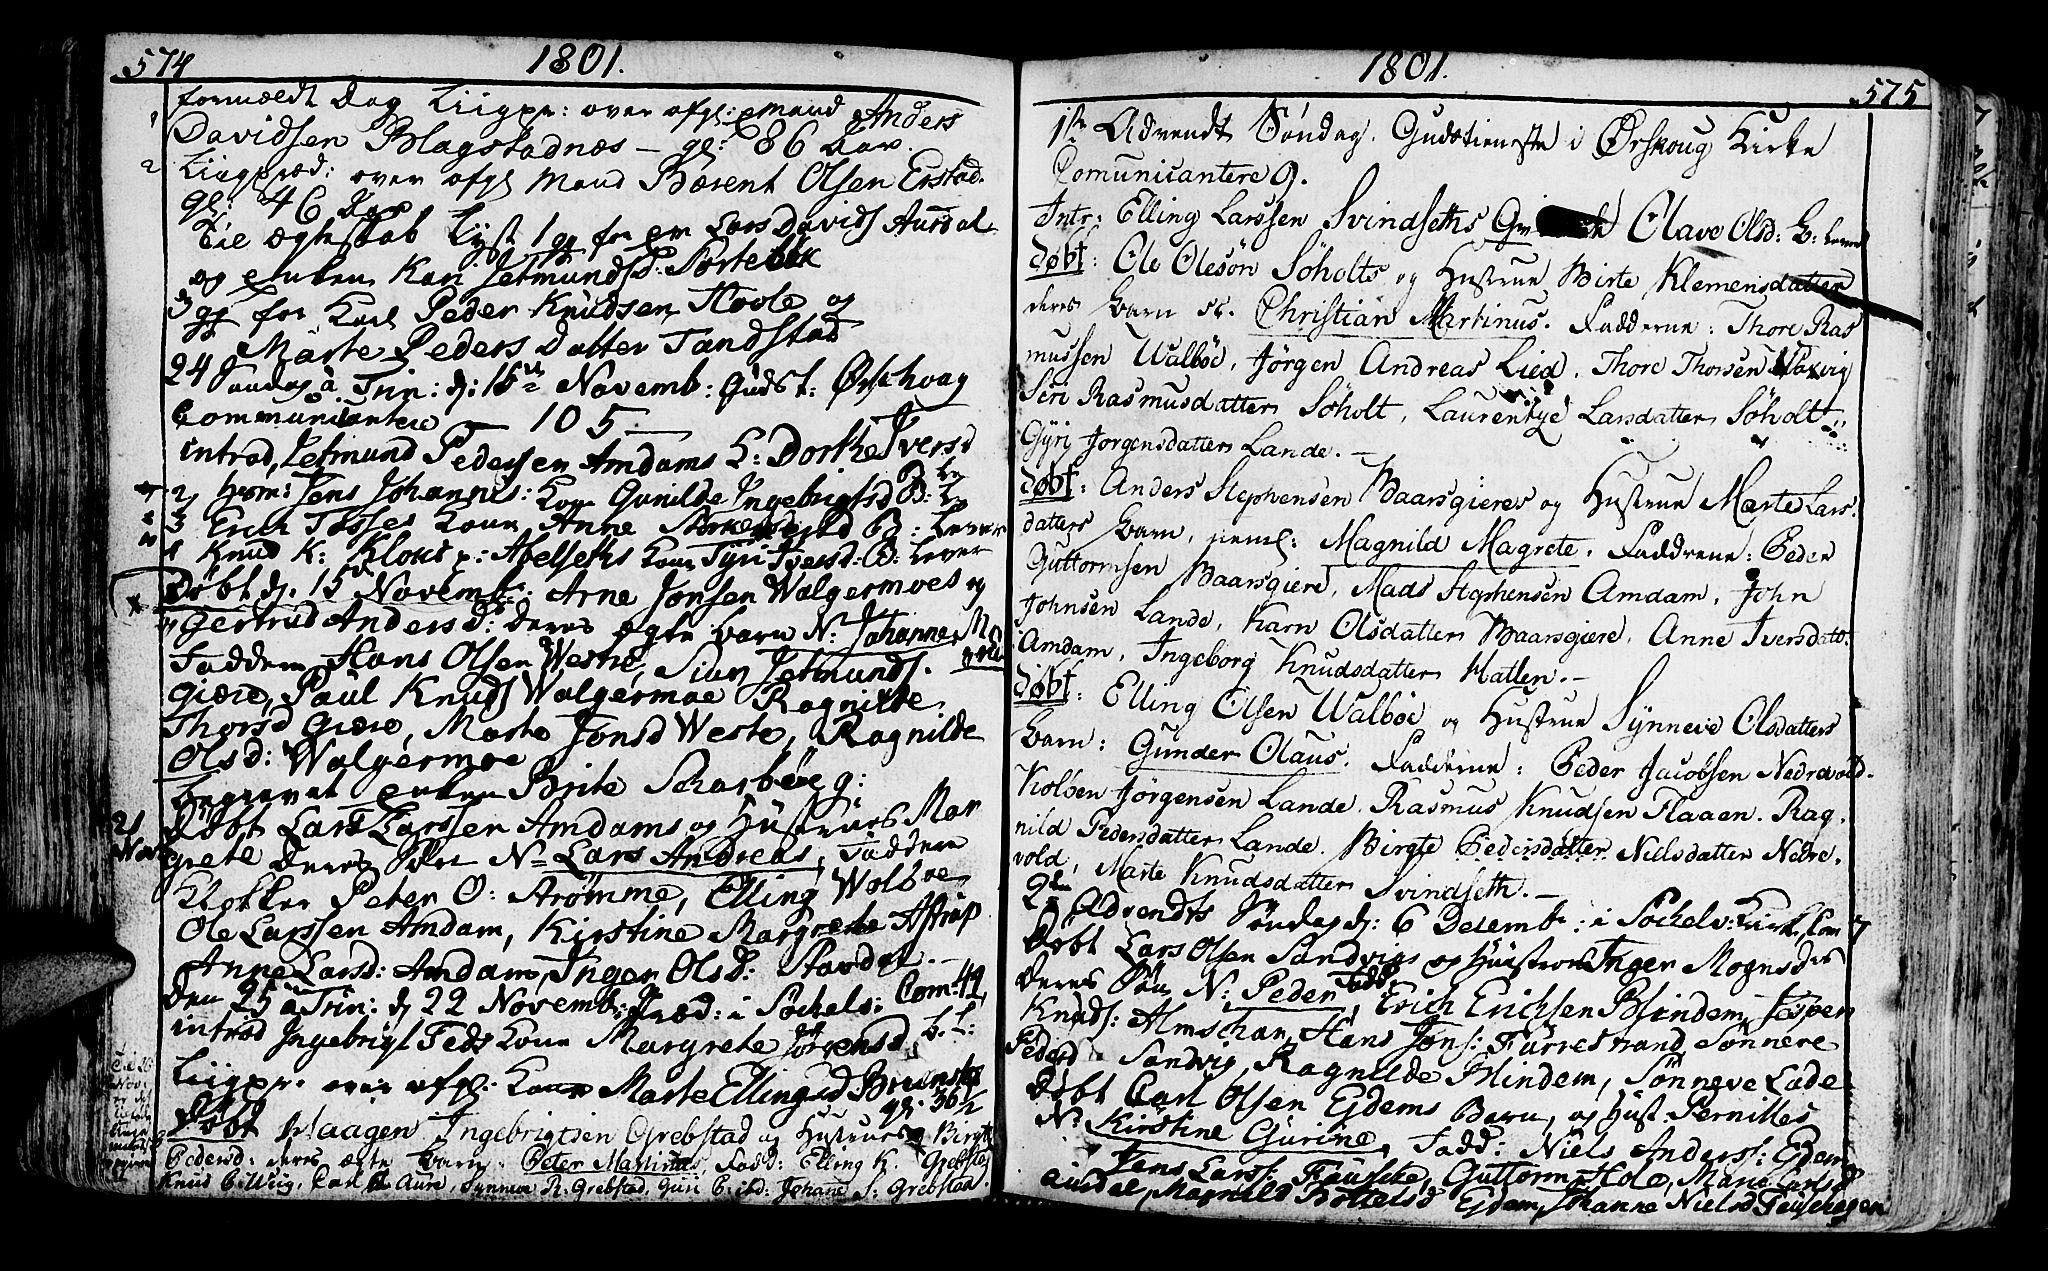 SAT, Ministerialprotokoller, klokkerbøker og fødselsregistre - Møre og Romsdal, 522/L0308: Ministerialbok nr. 522A03, 1773-1809, s. 574-575